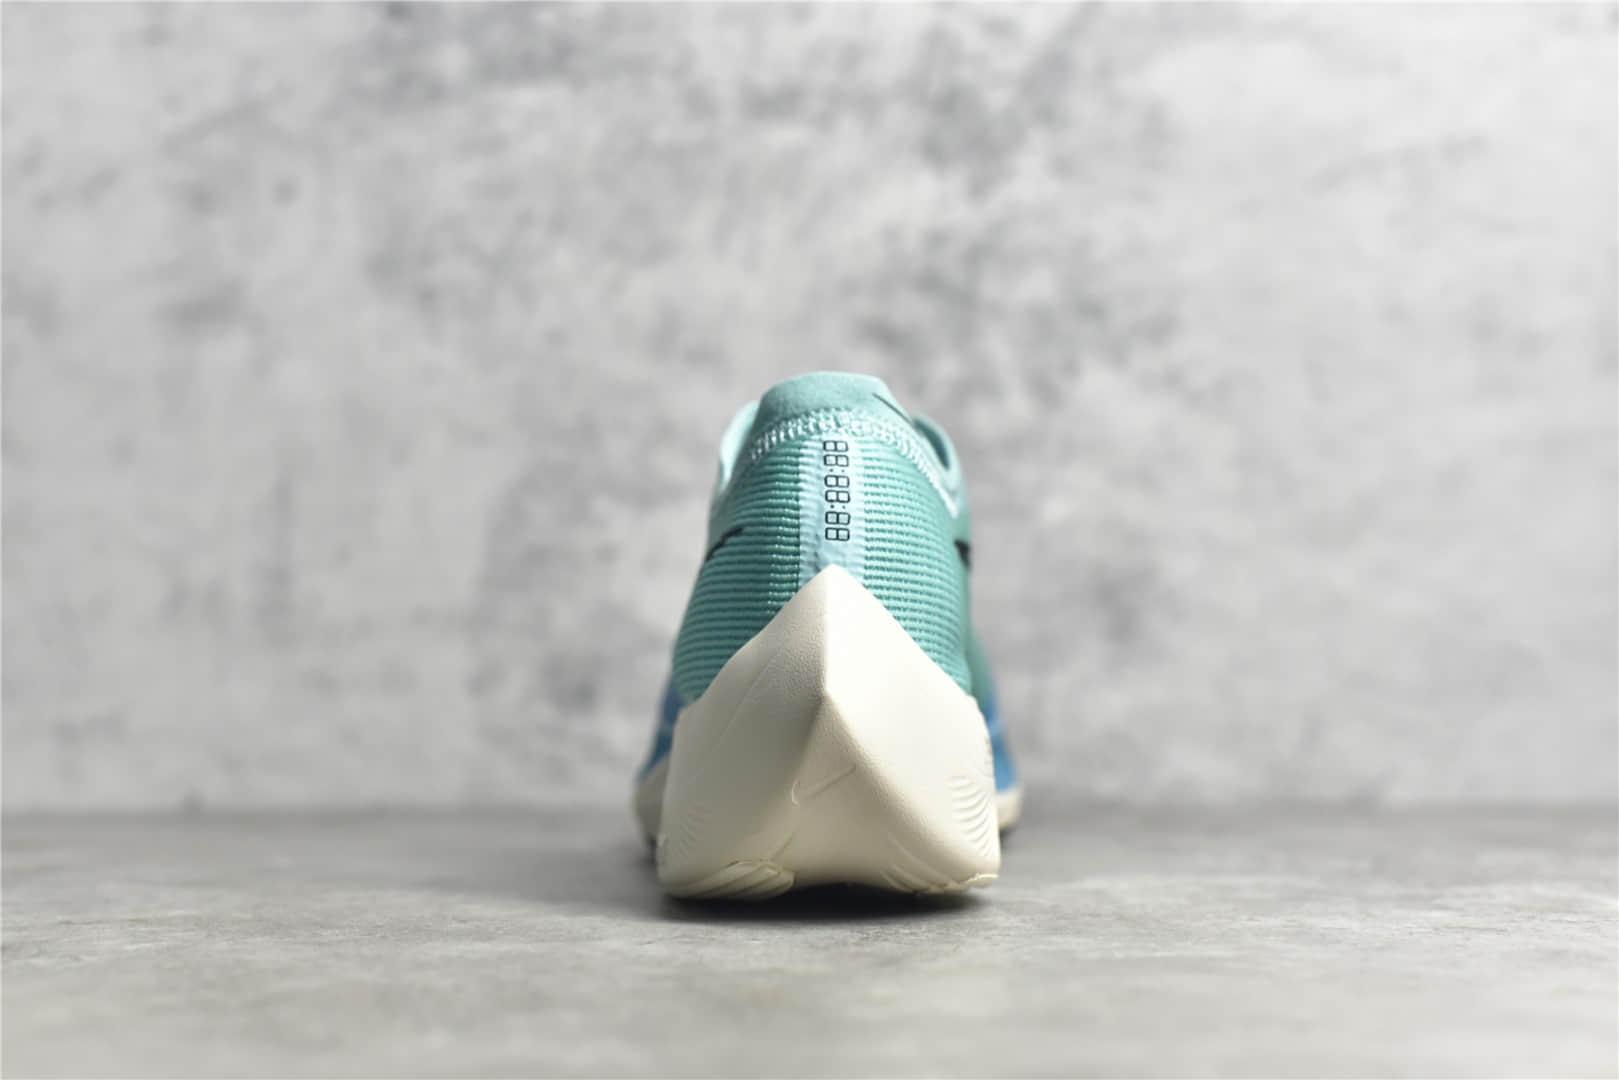 耐克2021新款跑鞋 Nike ZoomX Vaporfly NEXT% 莆田纯原耐克登月系列跑鞋 货号:CU4123-100-潮流者之家